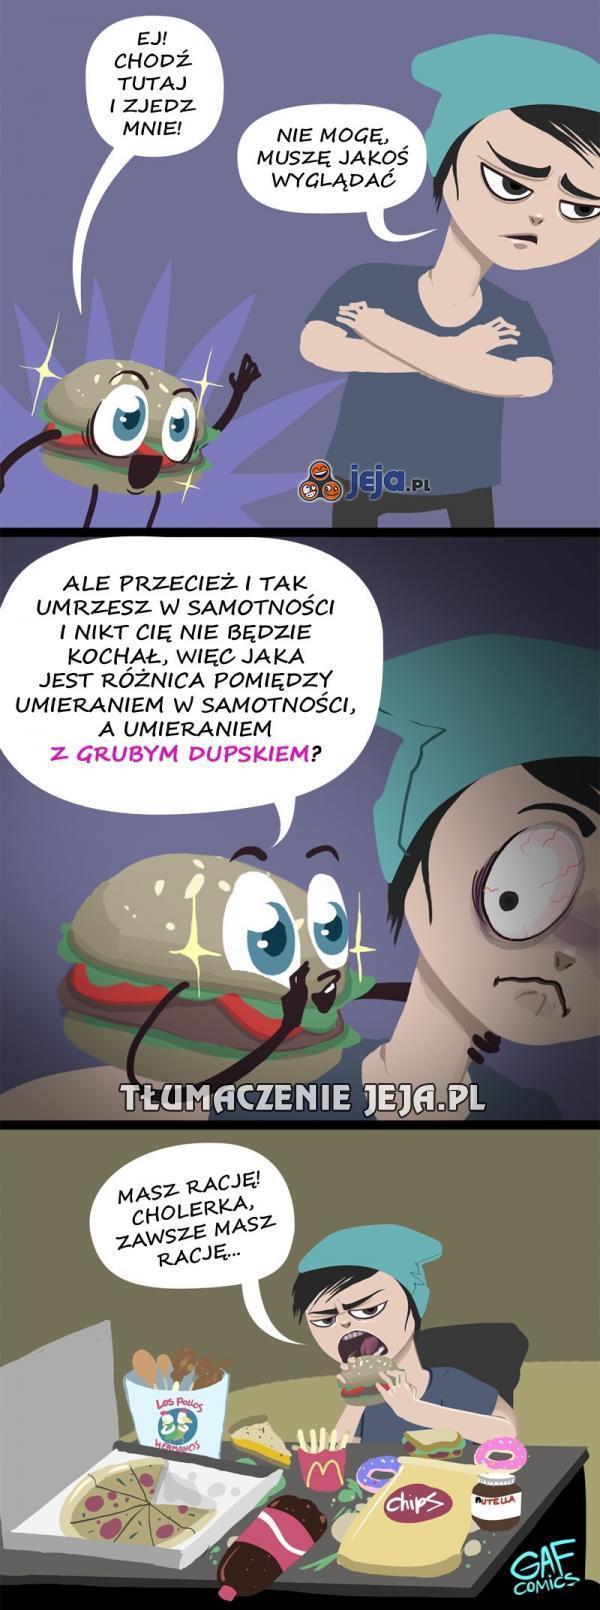 Hamburger radzi, hamburger nie zdradzi